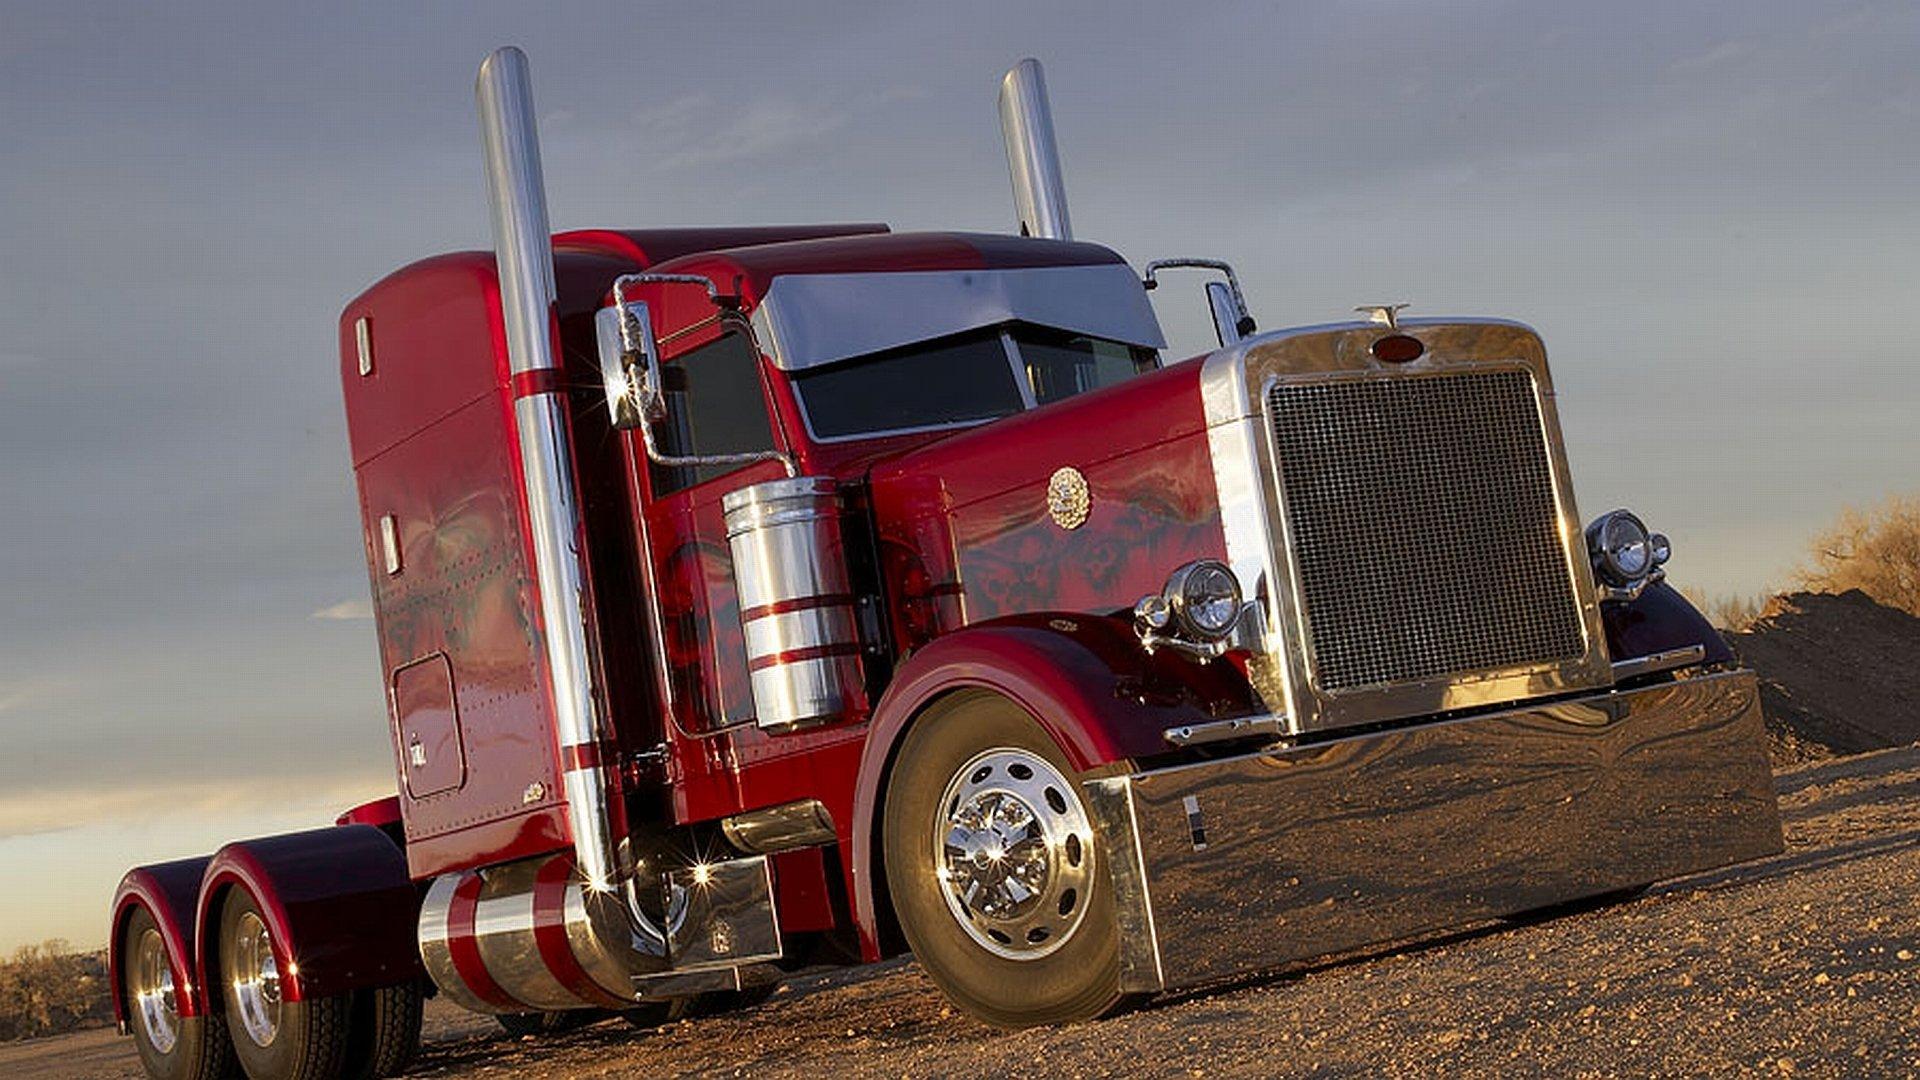 Vehicles - Truck  Wallpaper